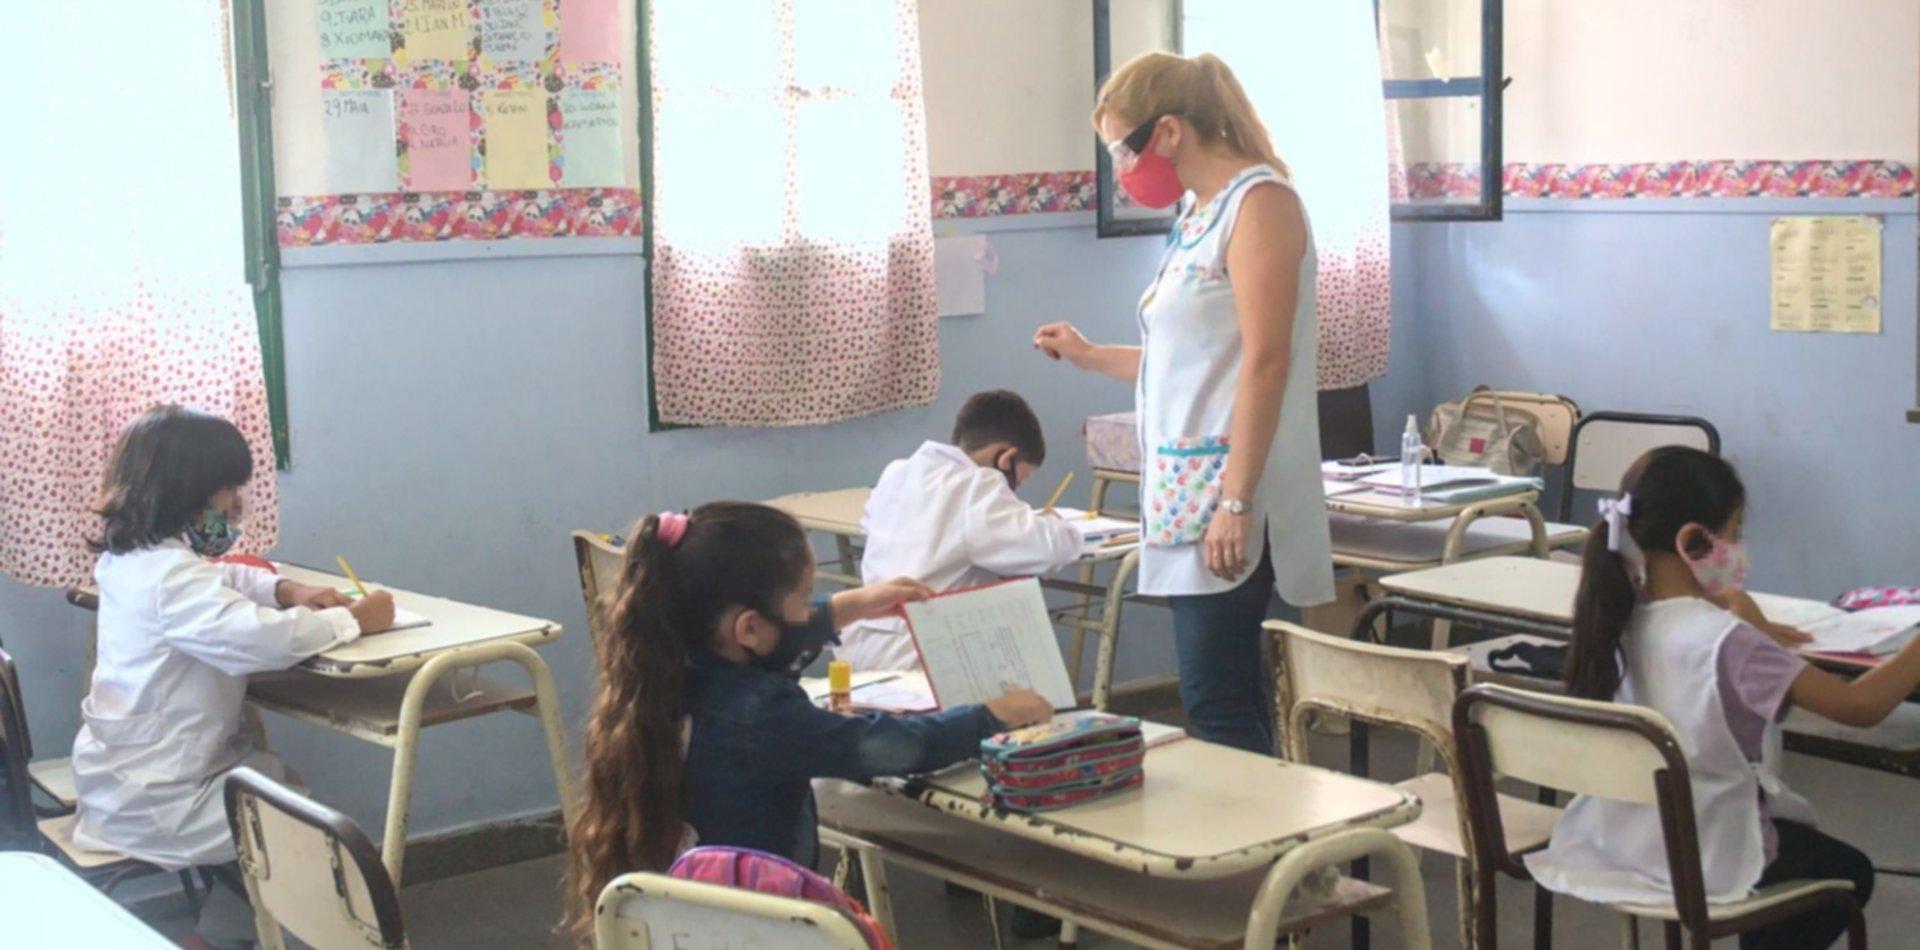 La Provincia extendió el horario escolar y confirmó las clases los sábados y a contraturno